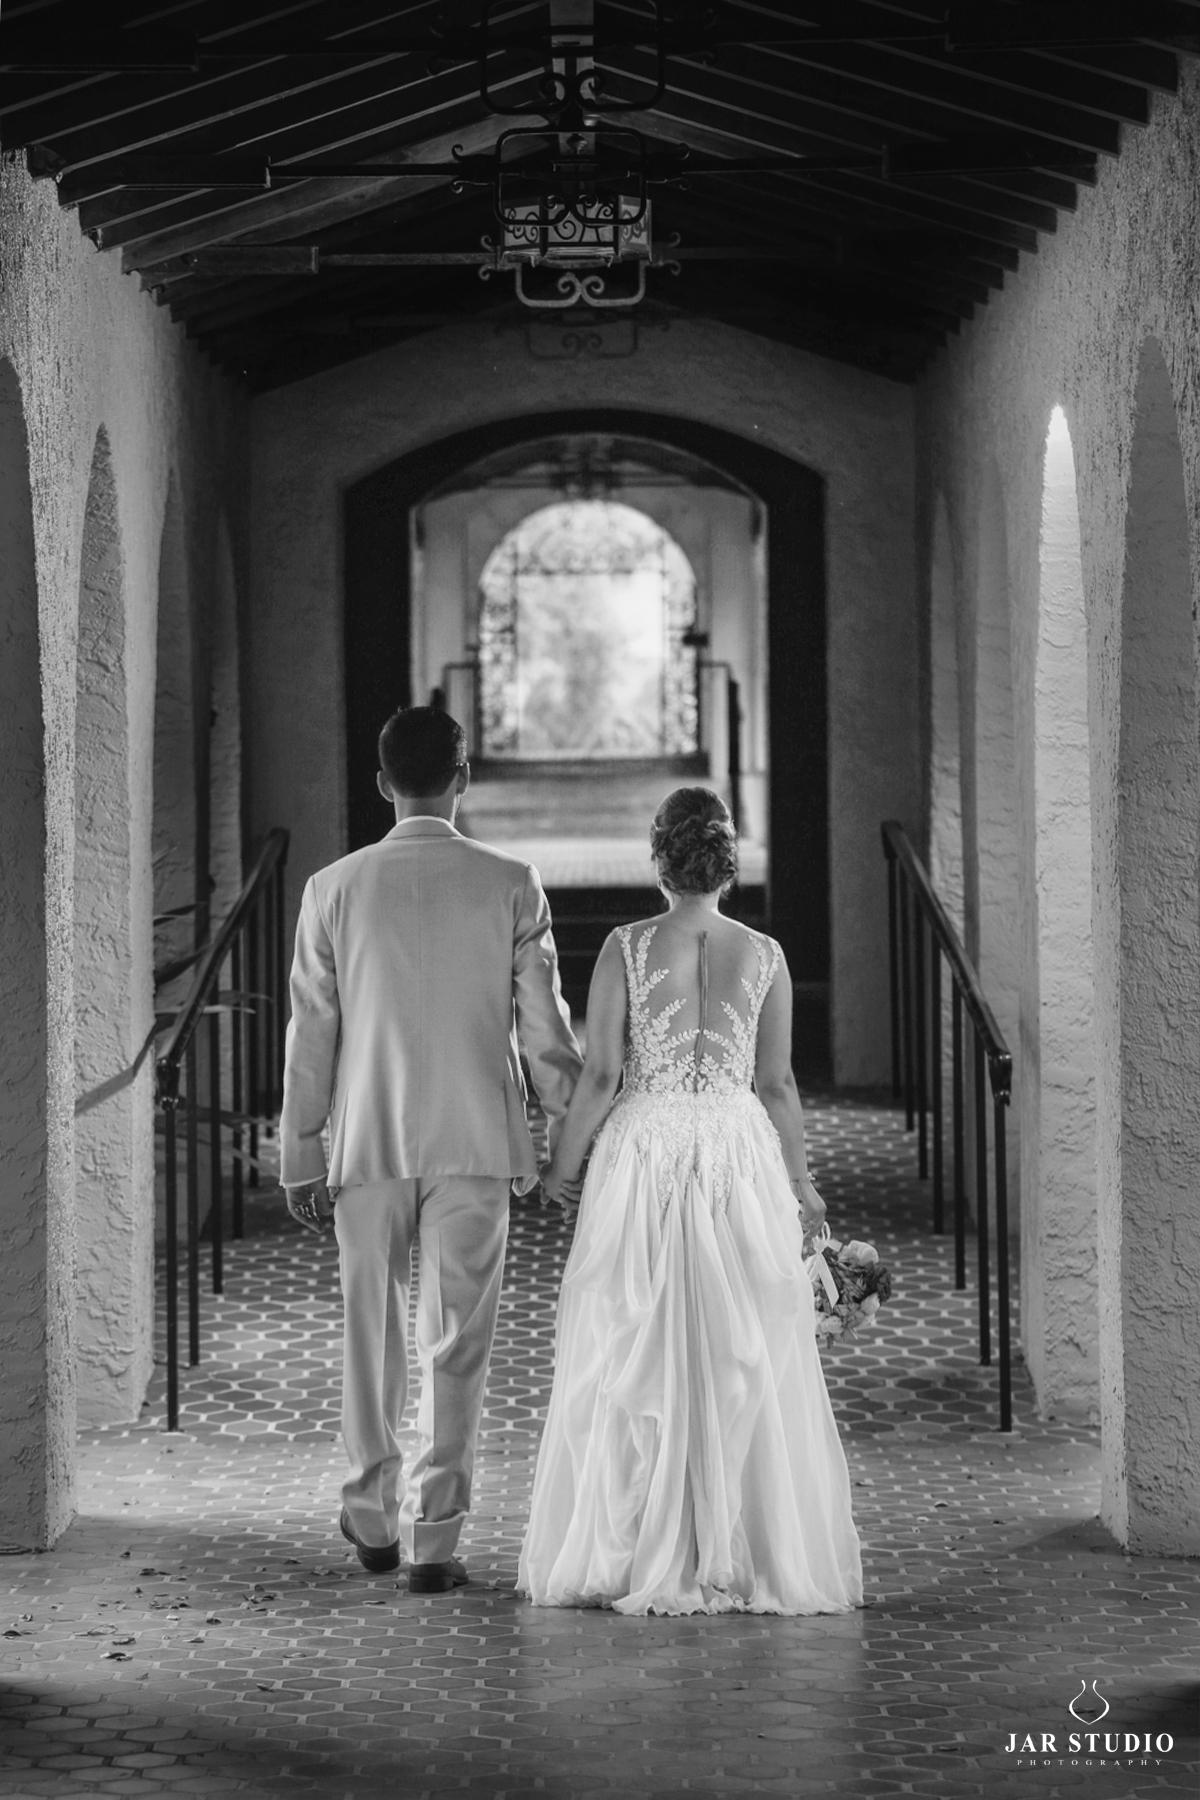 jarstudio-wedding-photographer-391.JPG